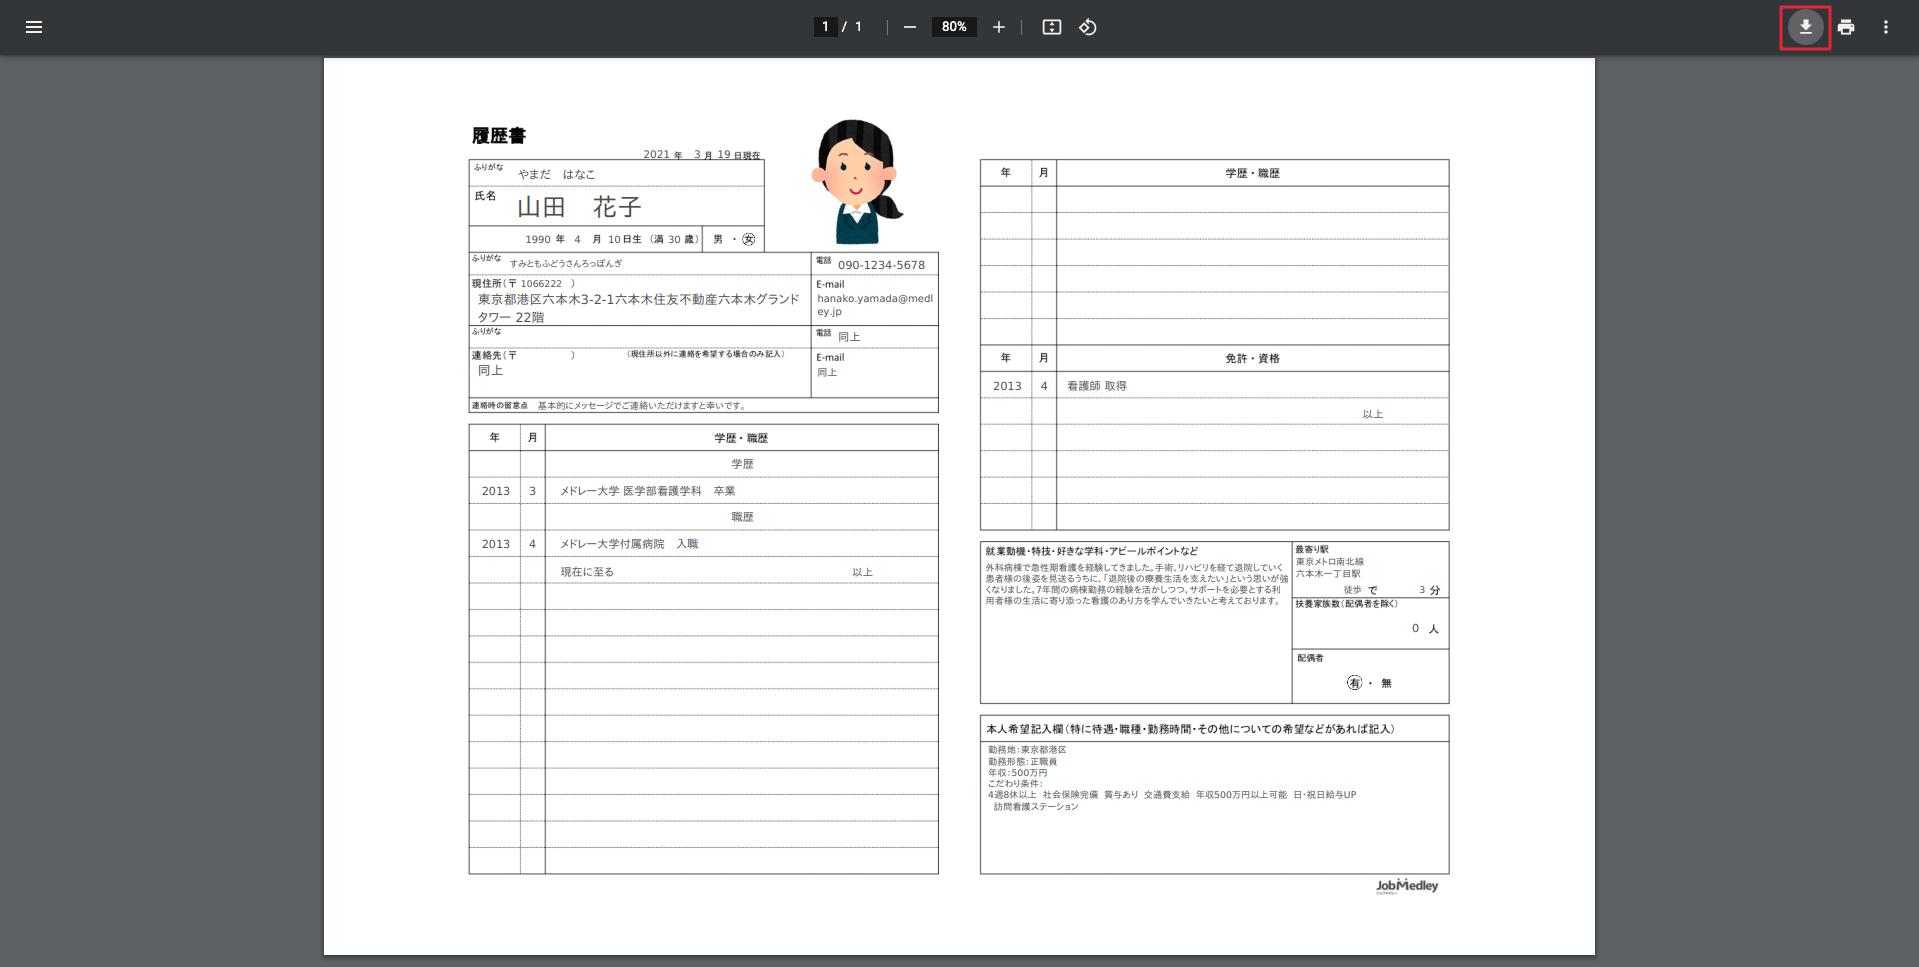 パソコンで作成した履歴書のPDF画面